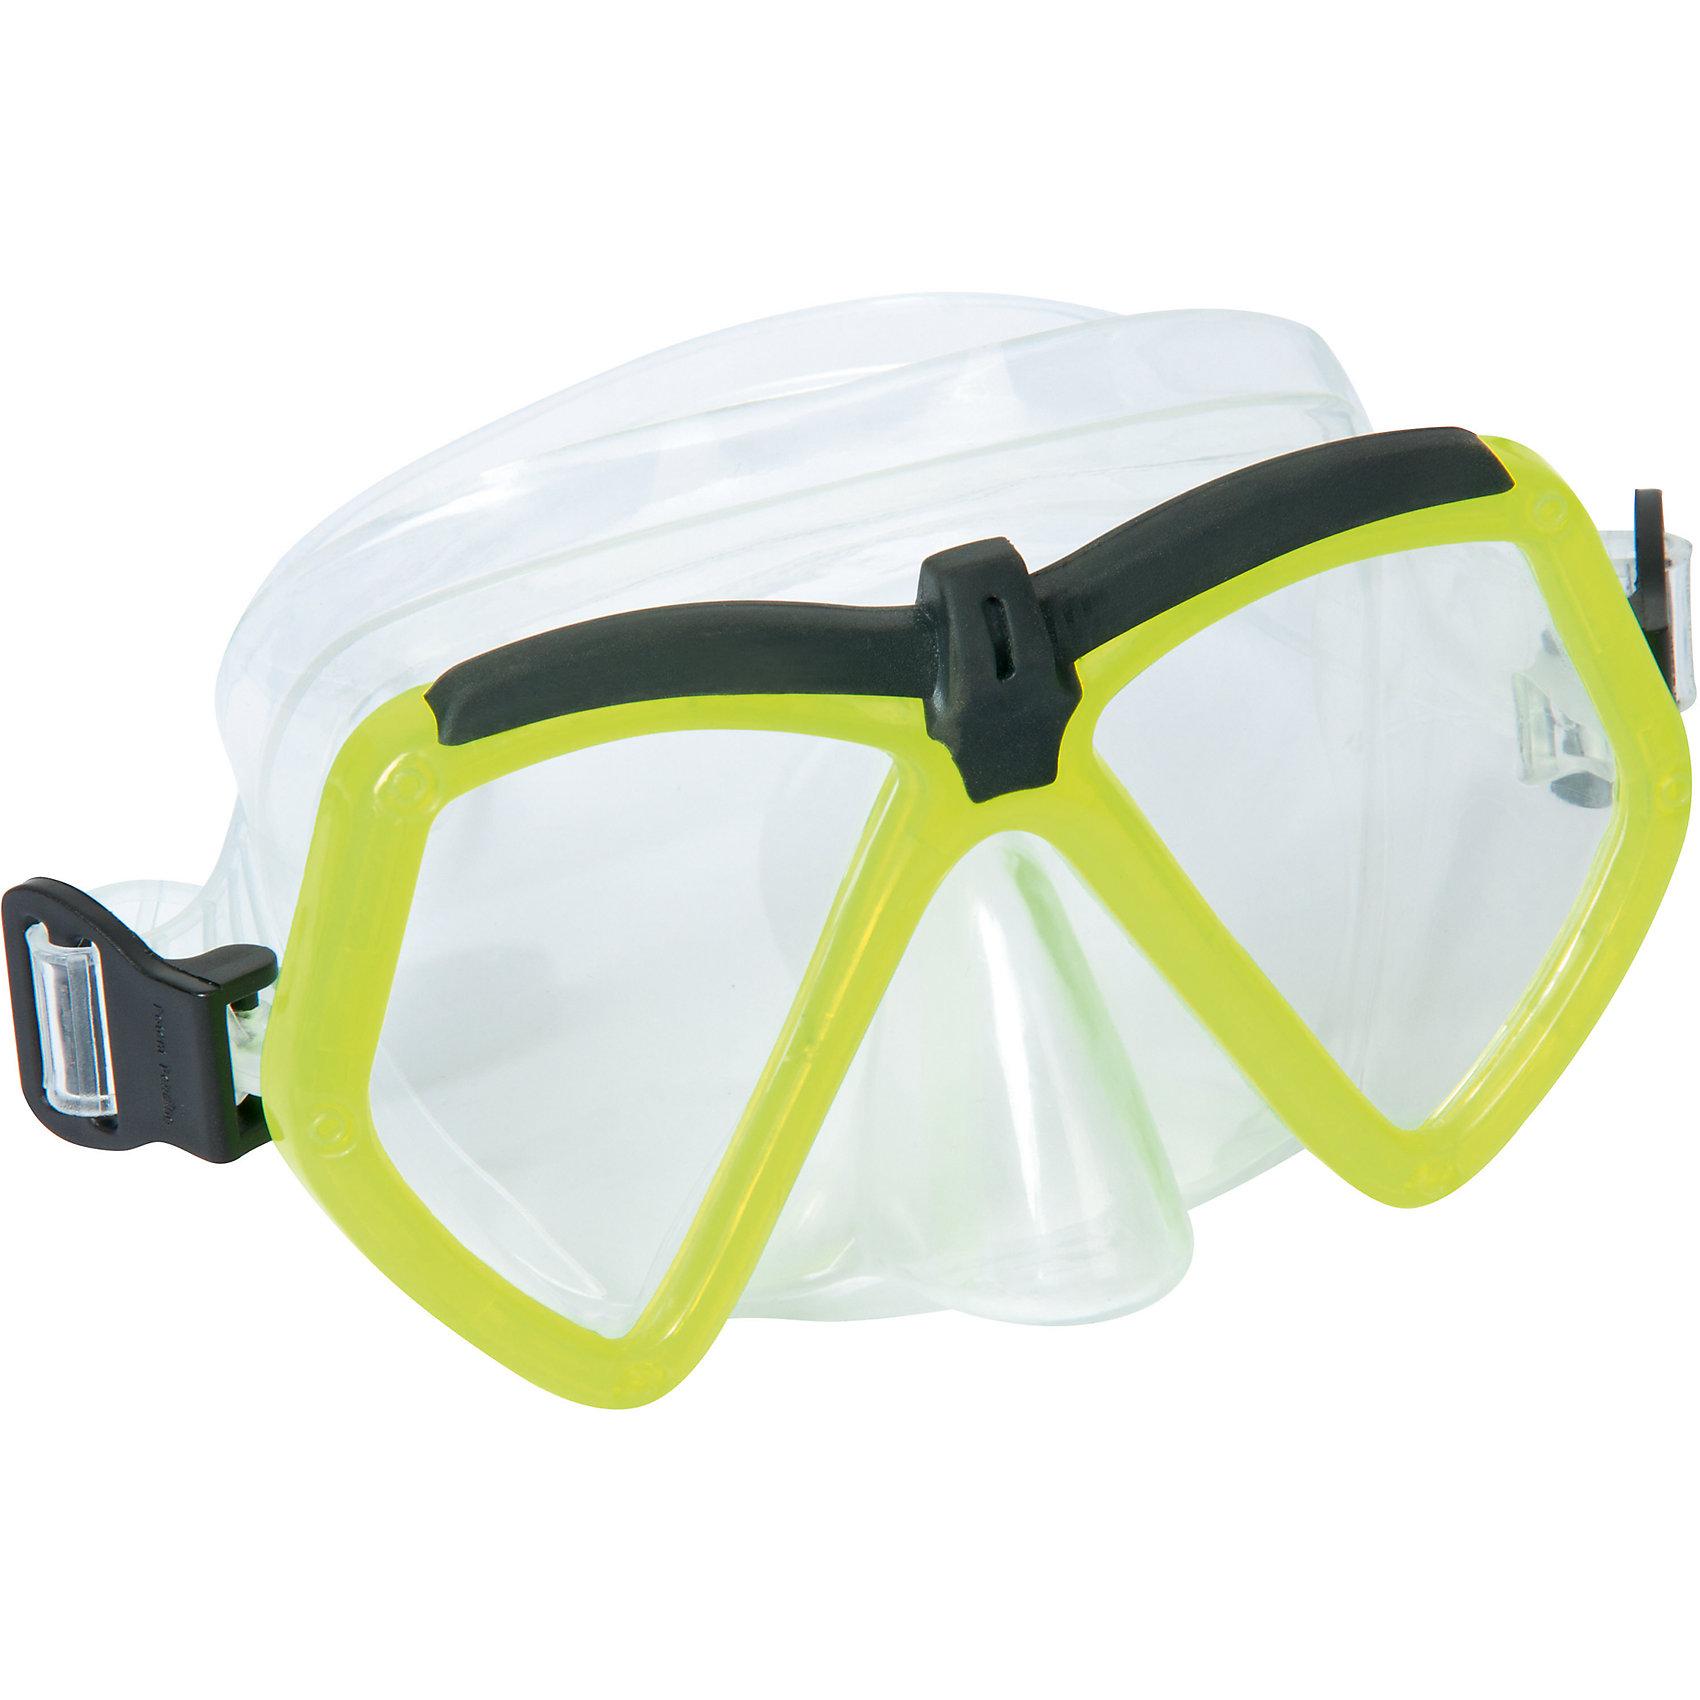 Детская маска для подводного плавания Море, Bestway, зеленыйОчки, маски, ласты, шапочки<br>Детская маска для подводного плавания Море, Bestway (Бествей) с  поликарбонатными линзами угловатой формы. Маска имеет отдельно выполненный выступ для носа, что полностью исключает протекание. Силикон прозрачный, поэтому обзор у этой модели широкий.   Дополнительная информация:  - В комплекте: маска для плавания Бествей - Материал: ударопрочный поликарбонат - Уплотнитель: силикон - Регулируемый ремешок для обхвата головы.  Детскую маску для подводного плавания Море, Bestway (Бествей) можно купить в нашем интернет-магазине.<br><br>Ширина мм: 216<br>Глубина мм: 164<br>Высота мм: 86<br>Вес г: 154<br>Возраст от месяцев: 72<br>Возраст до месяцев: 144<br>Пол: Унисекс<br>Возраст: Детский<br>SKU: 4829107